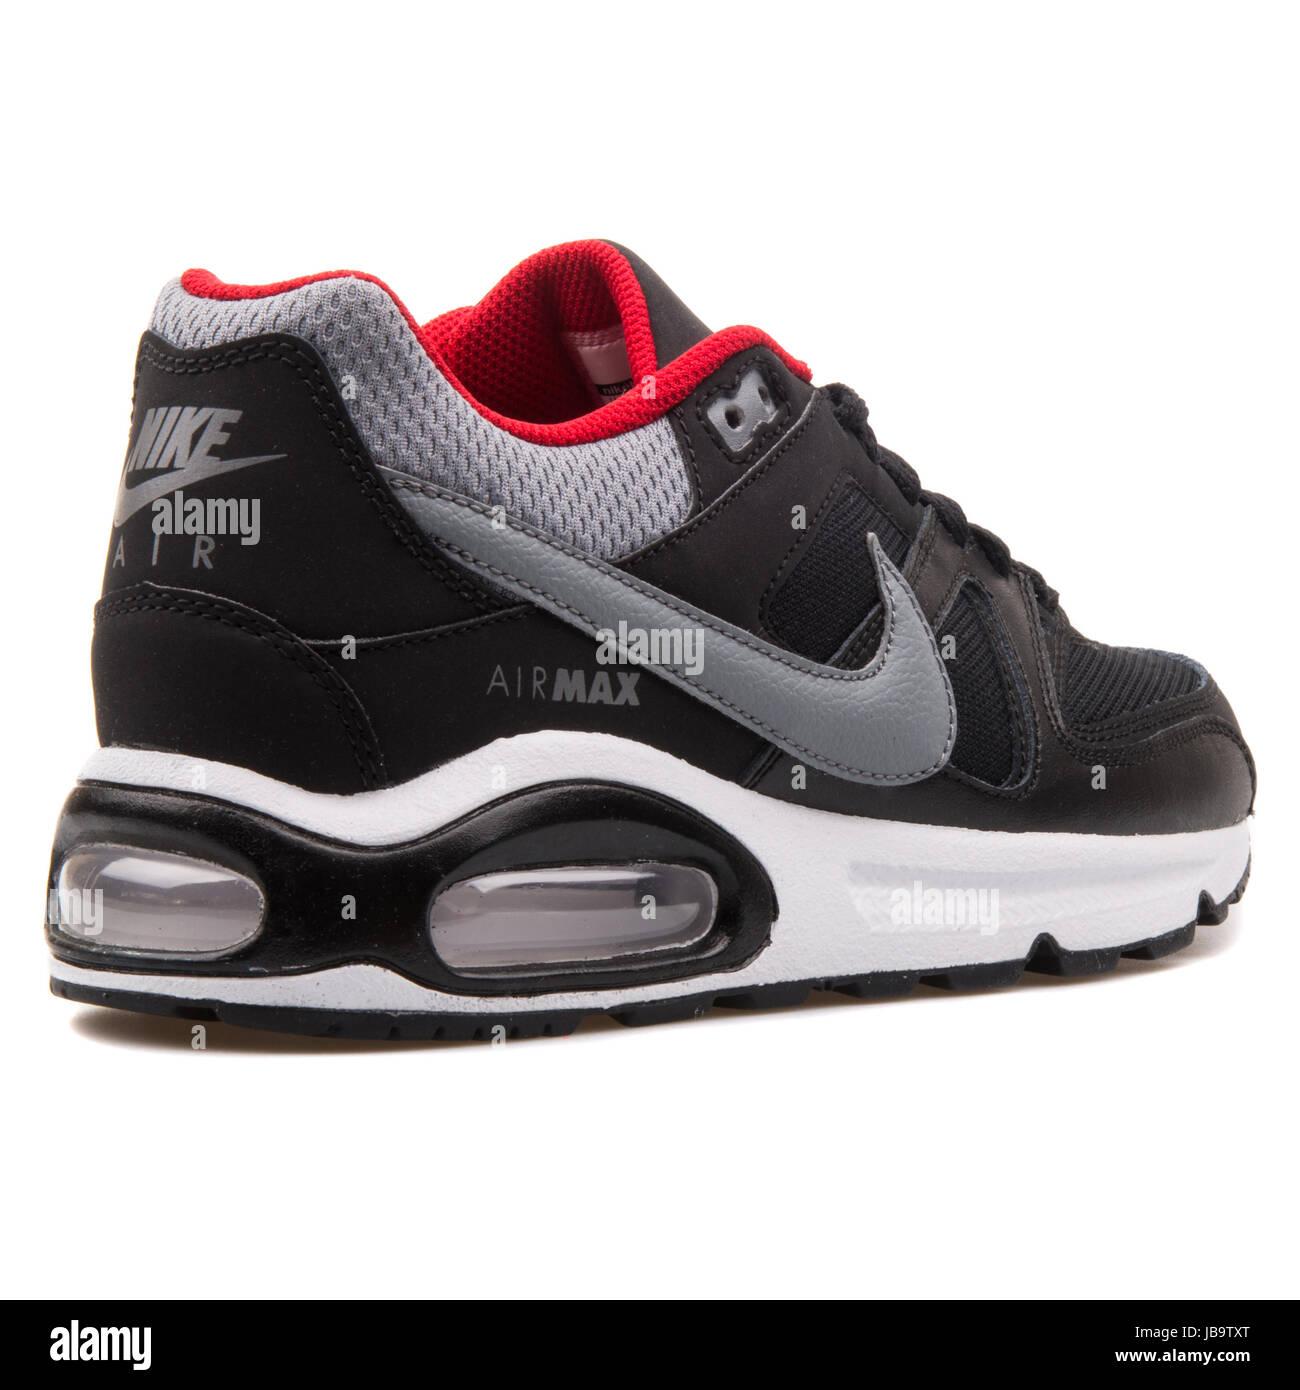 new product 6b660 dbbe7 Nike Air Max Command (GS) en negro, gris y rojo zapatillas de deportes  Juventud - 407759-065